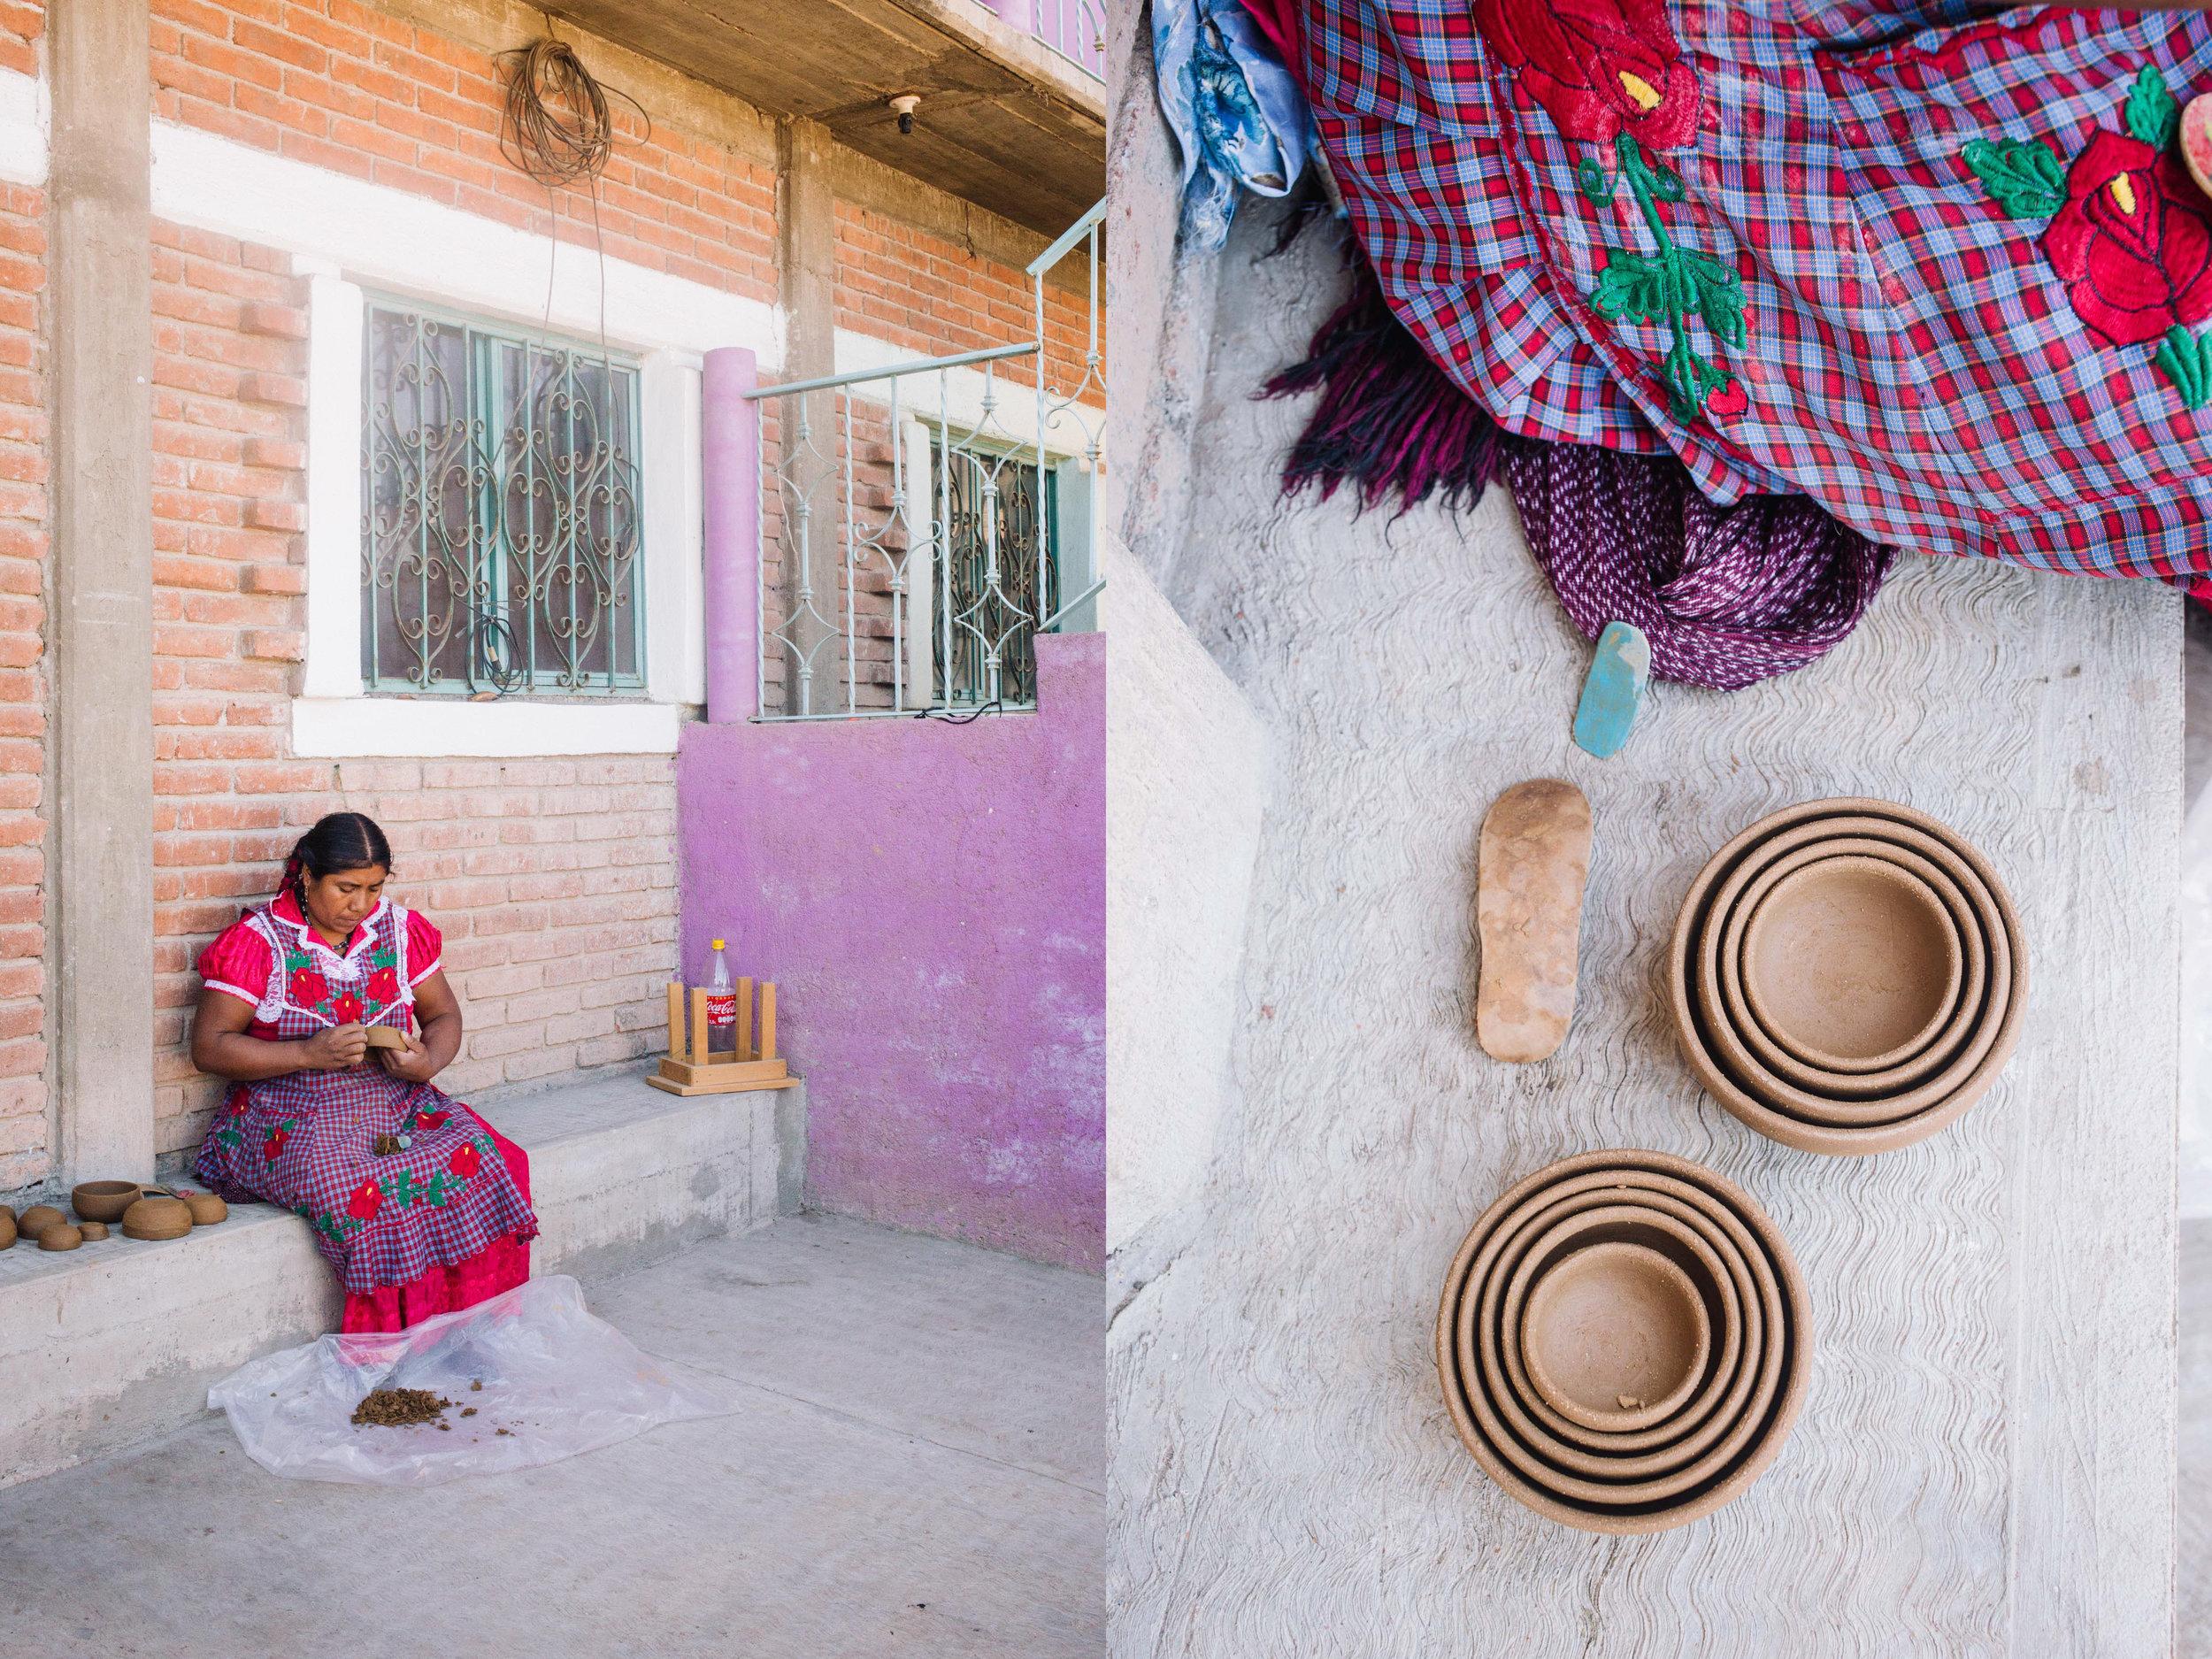 170221_Oaxaca_Ceramics_Web_006.jpg